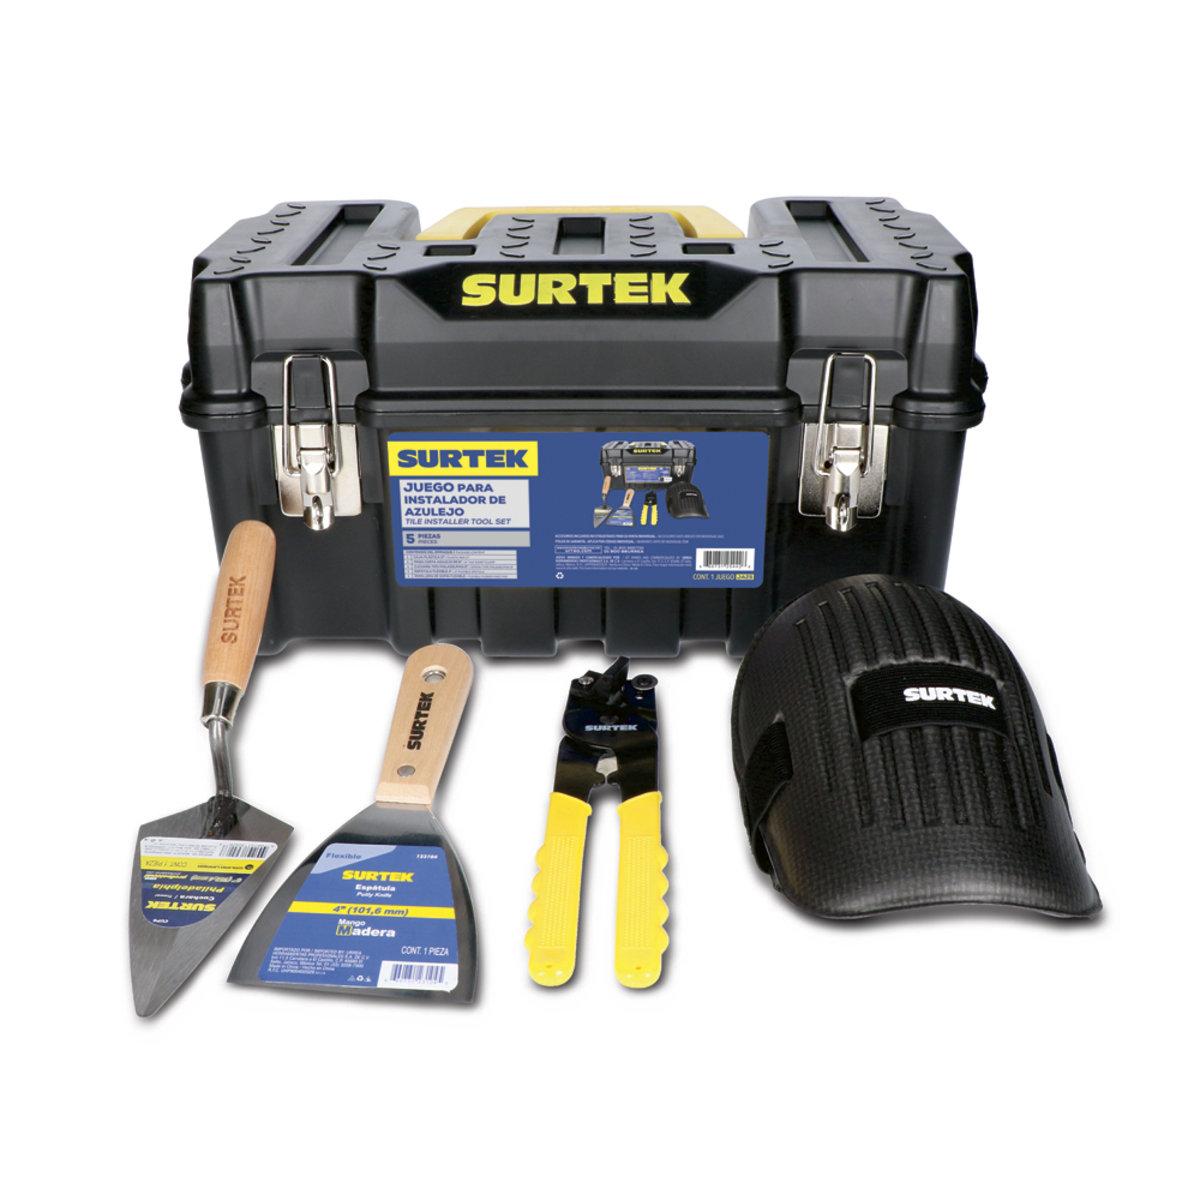 Juego herramientas para instalador de azulejo 5 pzas Surtek